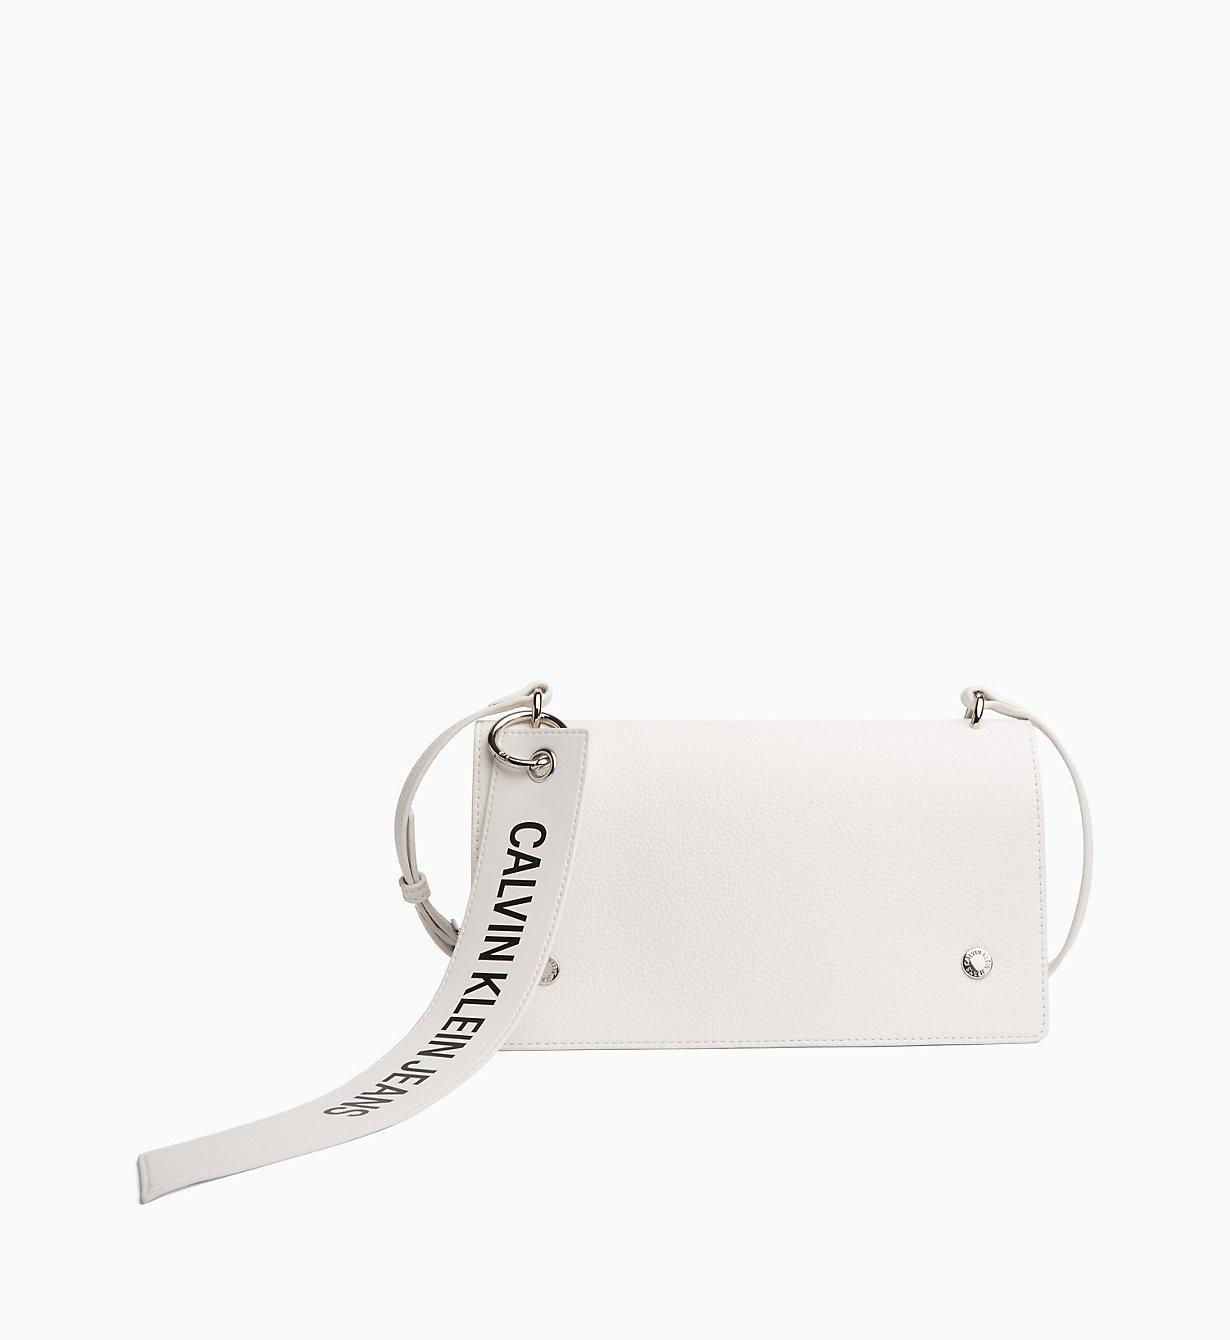 Borsa a tracolla bianca Calvin Klein inverno 2019